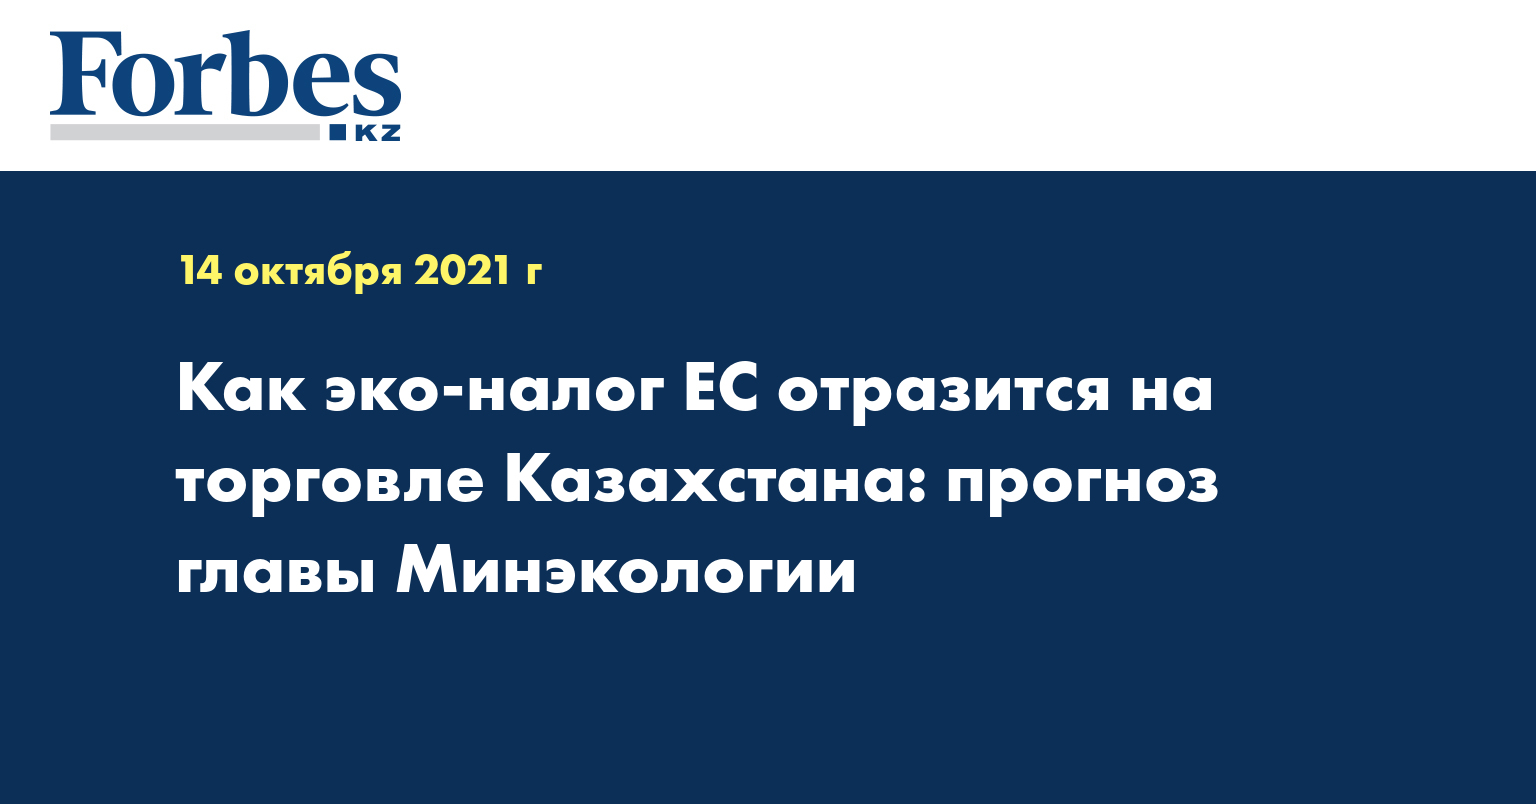 Как эко-налог ЕС отразится на торговле Казахстана: прогноз главы Минэкологии